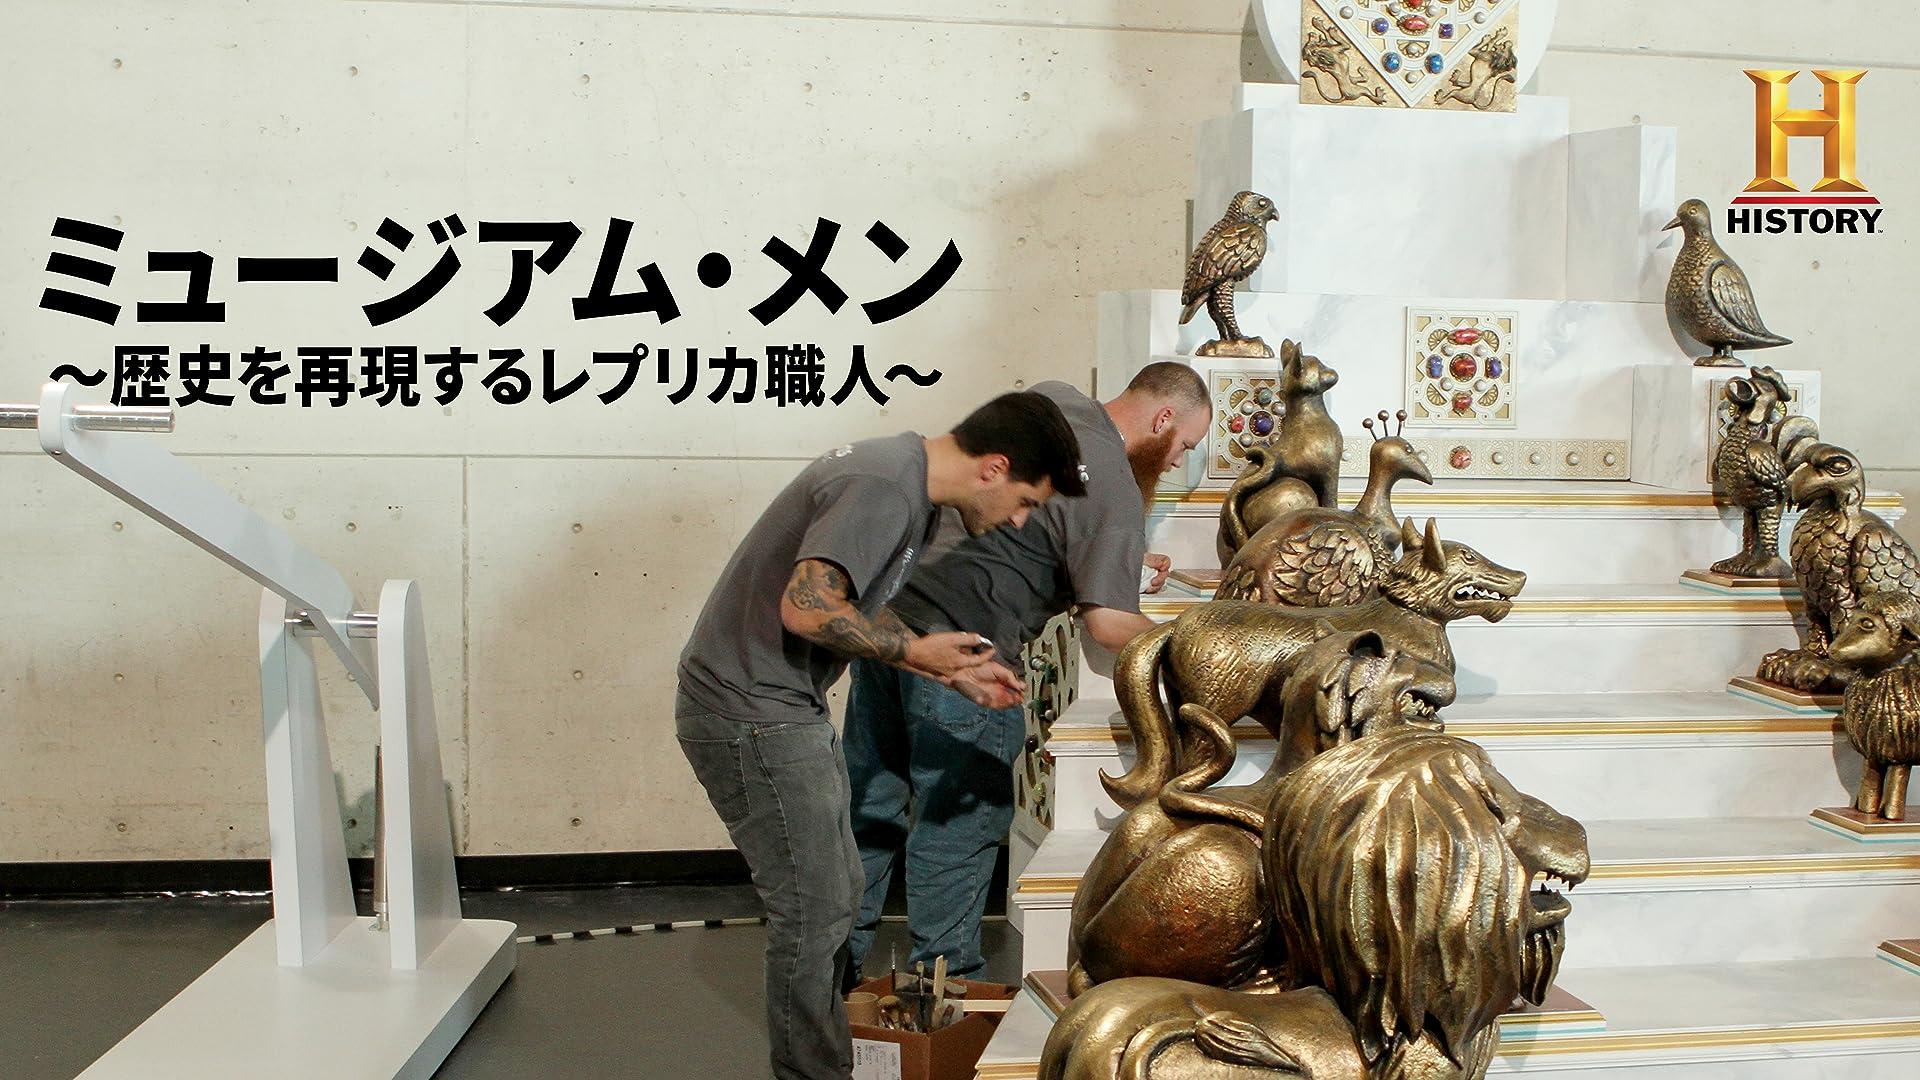 ミュージアム・メン -歴史を再現するレプリカ職人